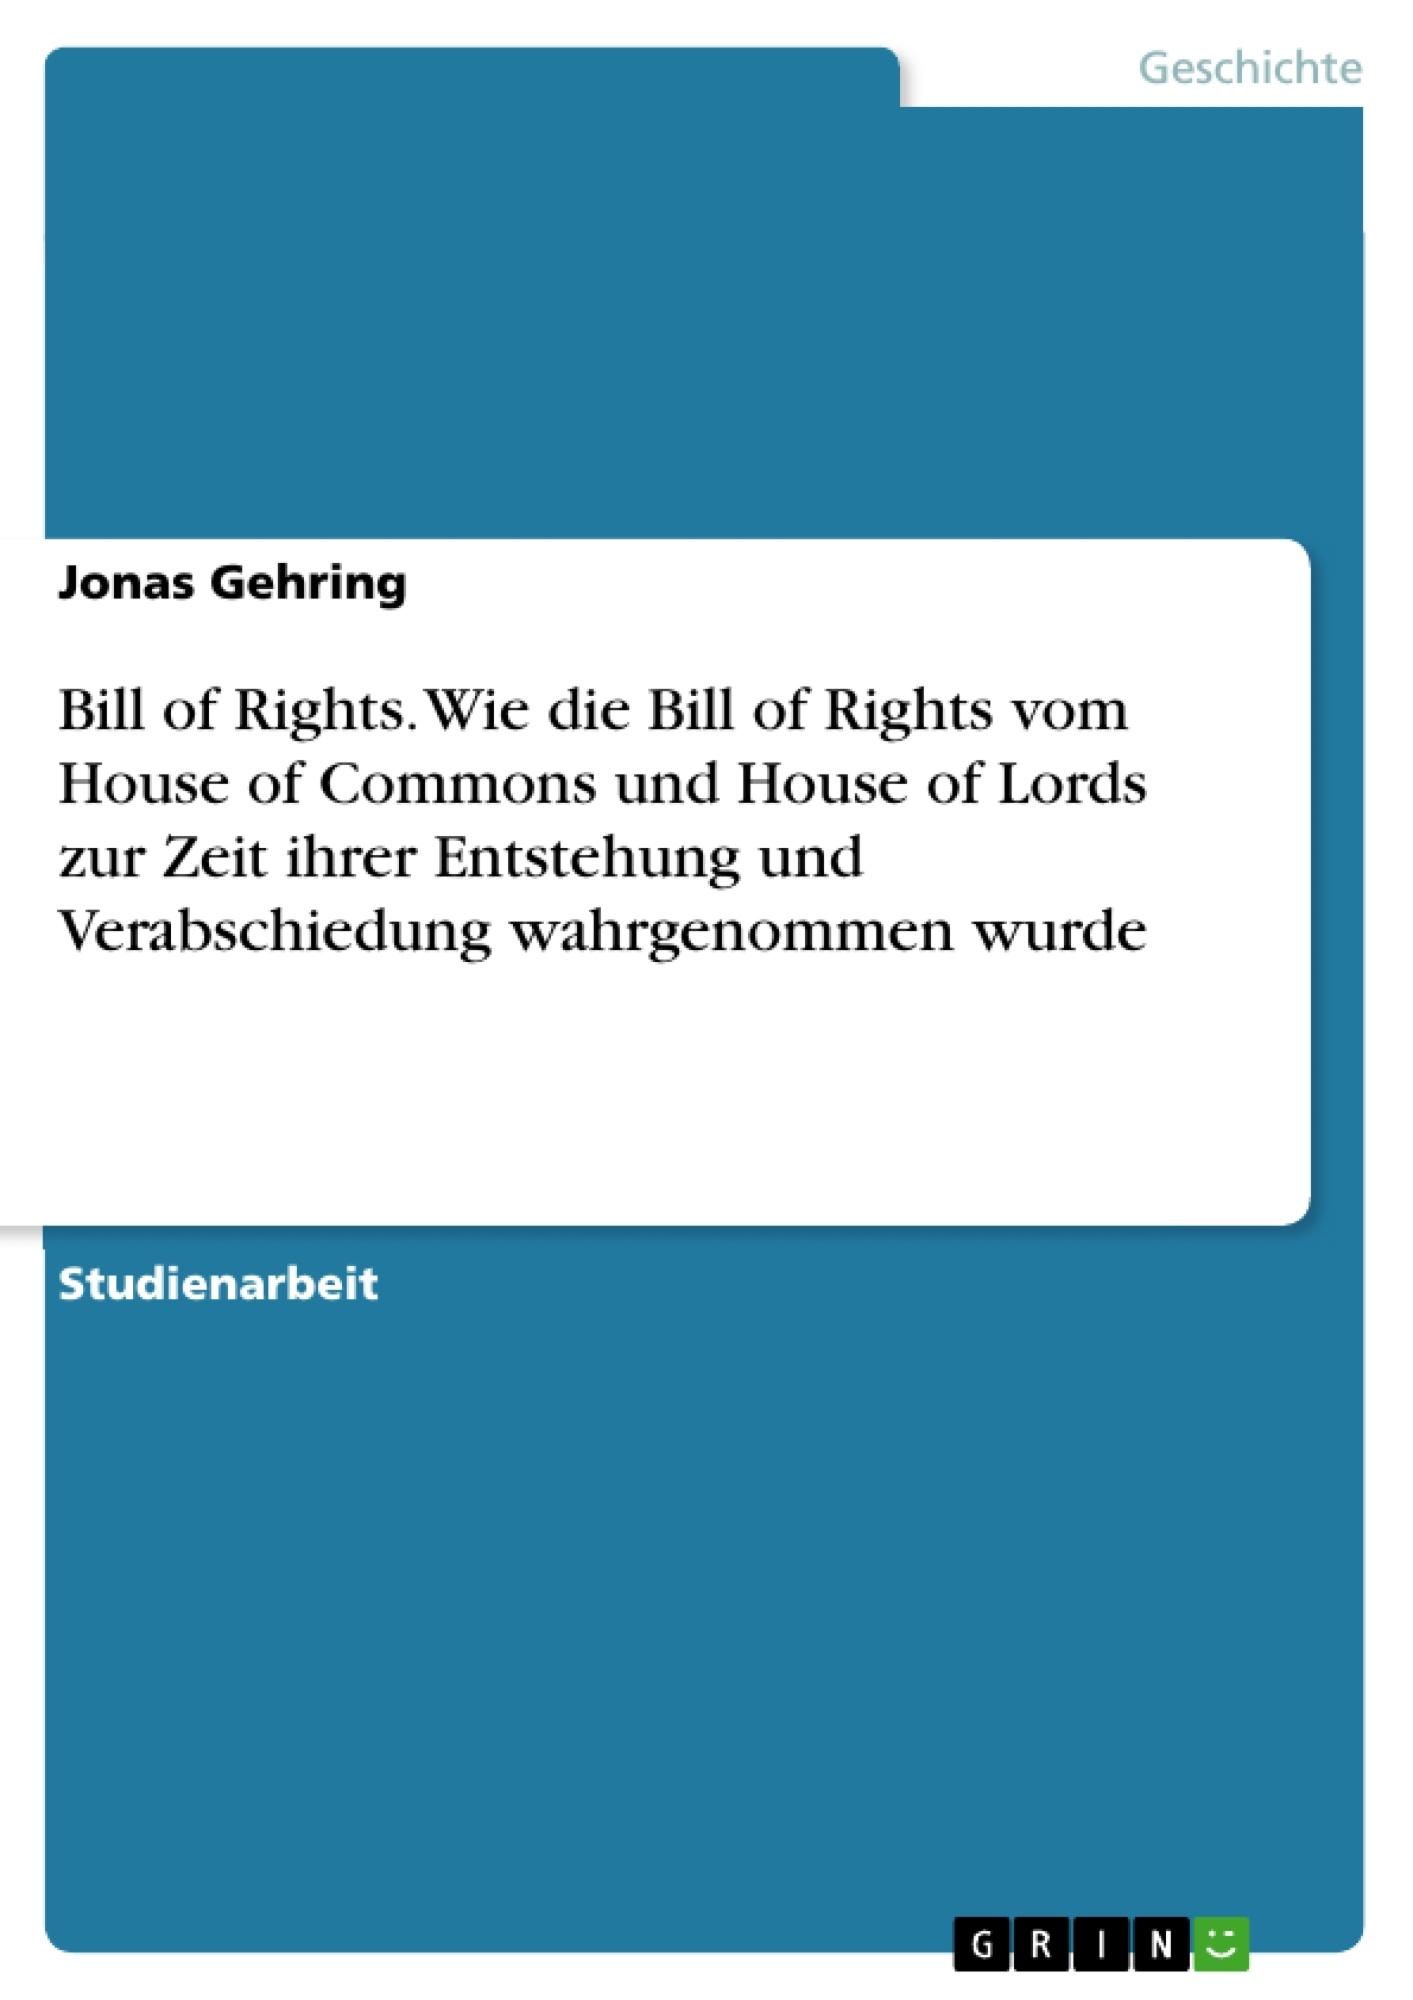 Titel: Bill of Rights. Wie die Bill of Rights vom House of Commons und House of Lords zur Zeit ihrer Entstehung und Verabschiedung wahrgenommen wurde